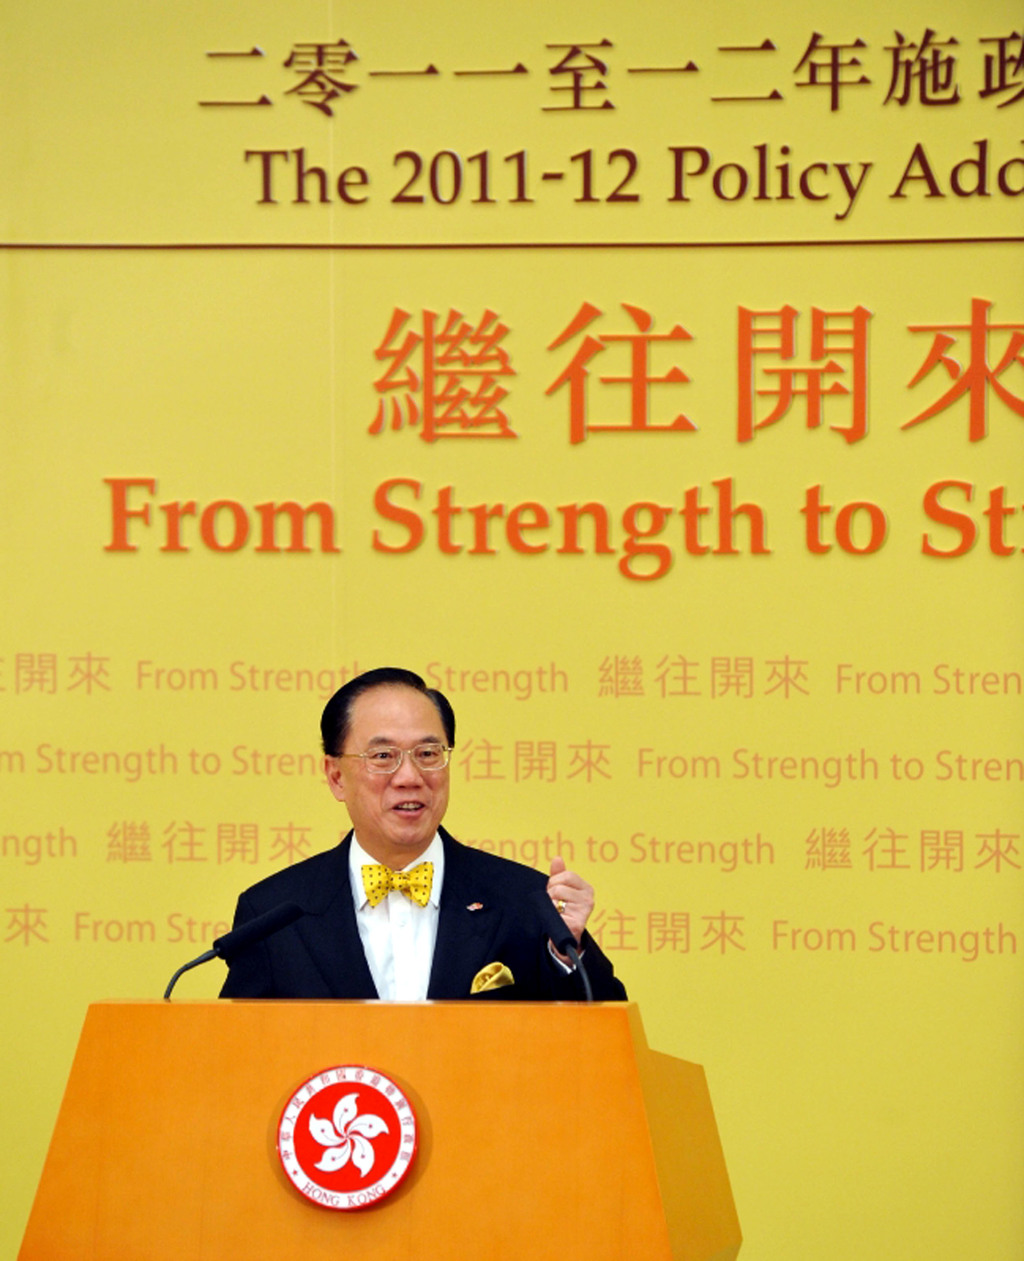 香港行政長官曾蔭權於12日發表任內最後一份施政報告,他說,7年來的工作表現留待市民評價。圖為曾蔭權發表報告後會晤記者。(圖片由港府提供)中...